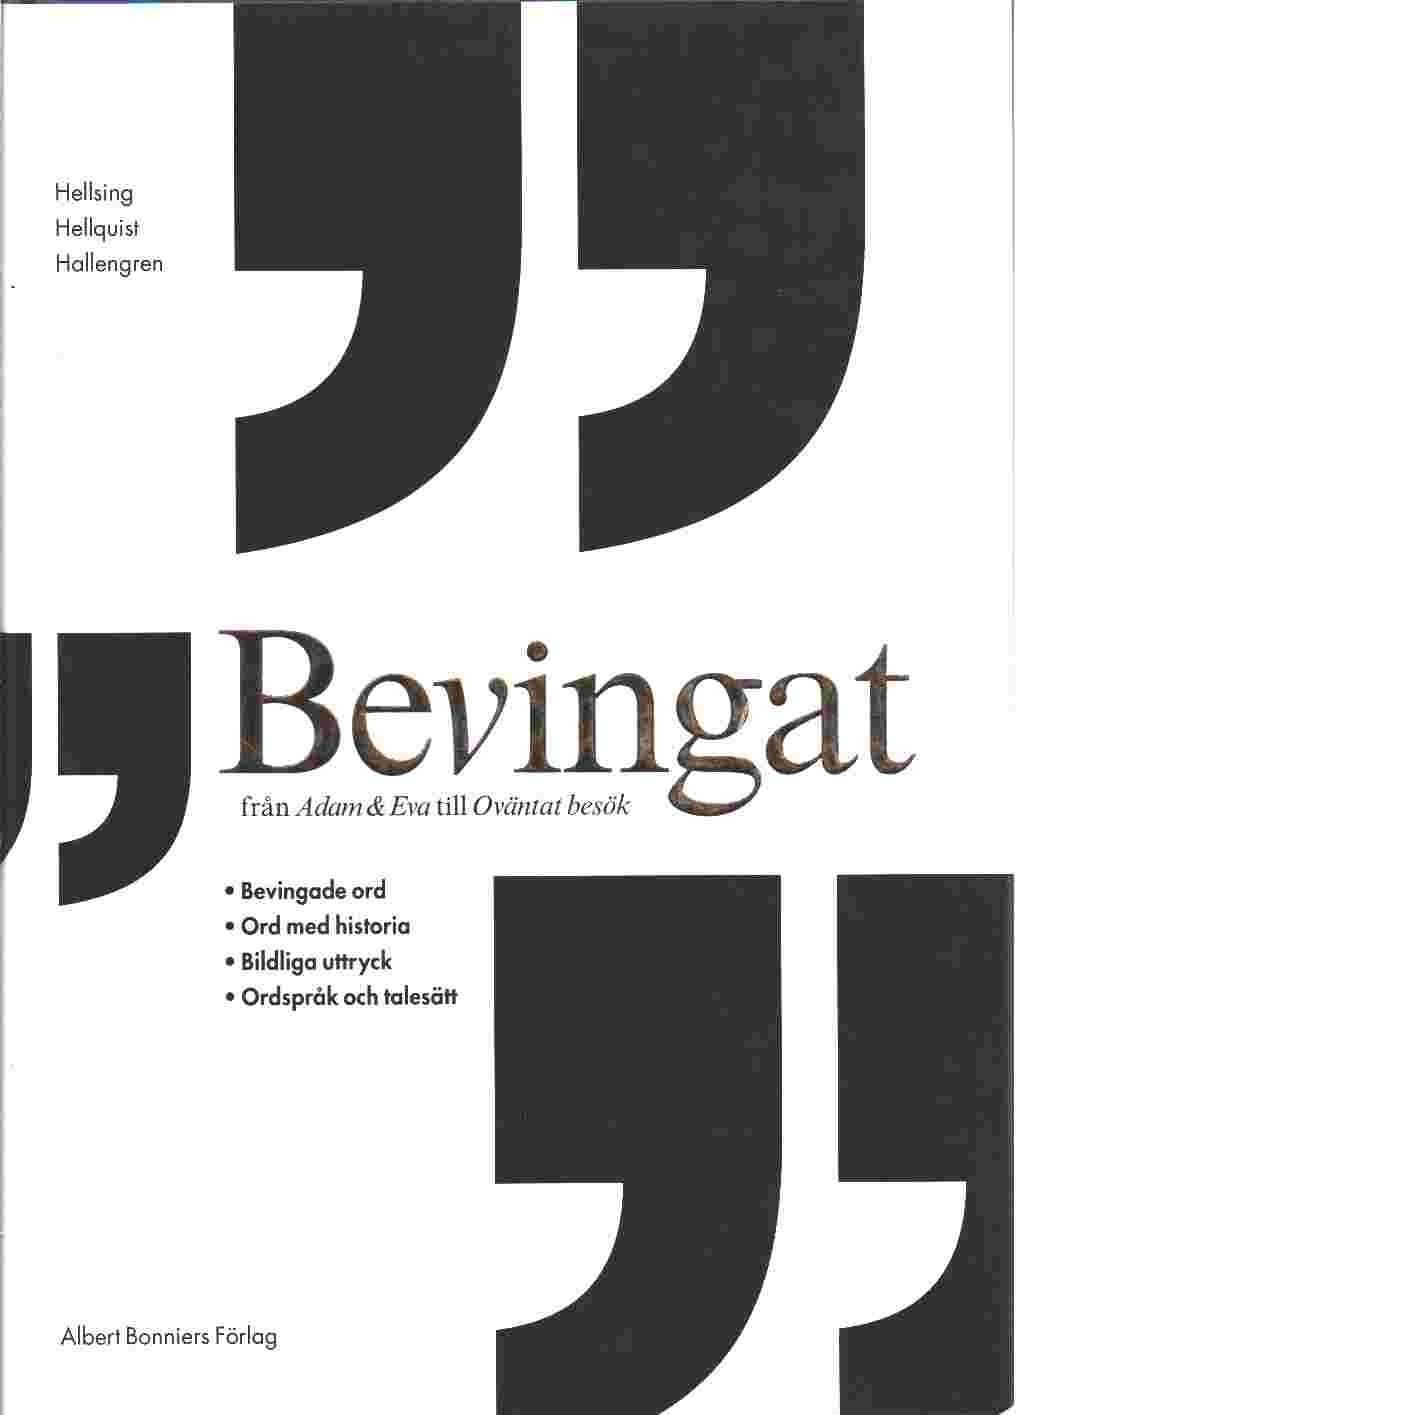 Bevingat : från Adam & Eva till Oväntat besök - Hellsing, Birgitta  och Hellquist, Magdalena samt  Hallengren, Anders